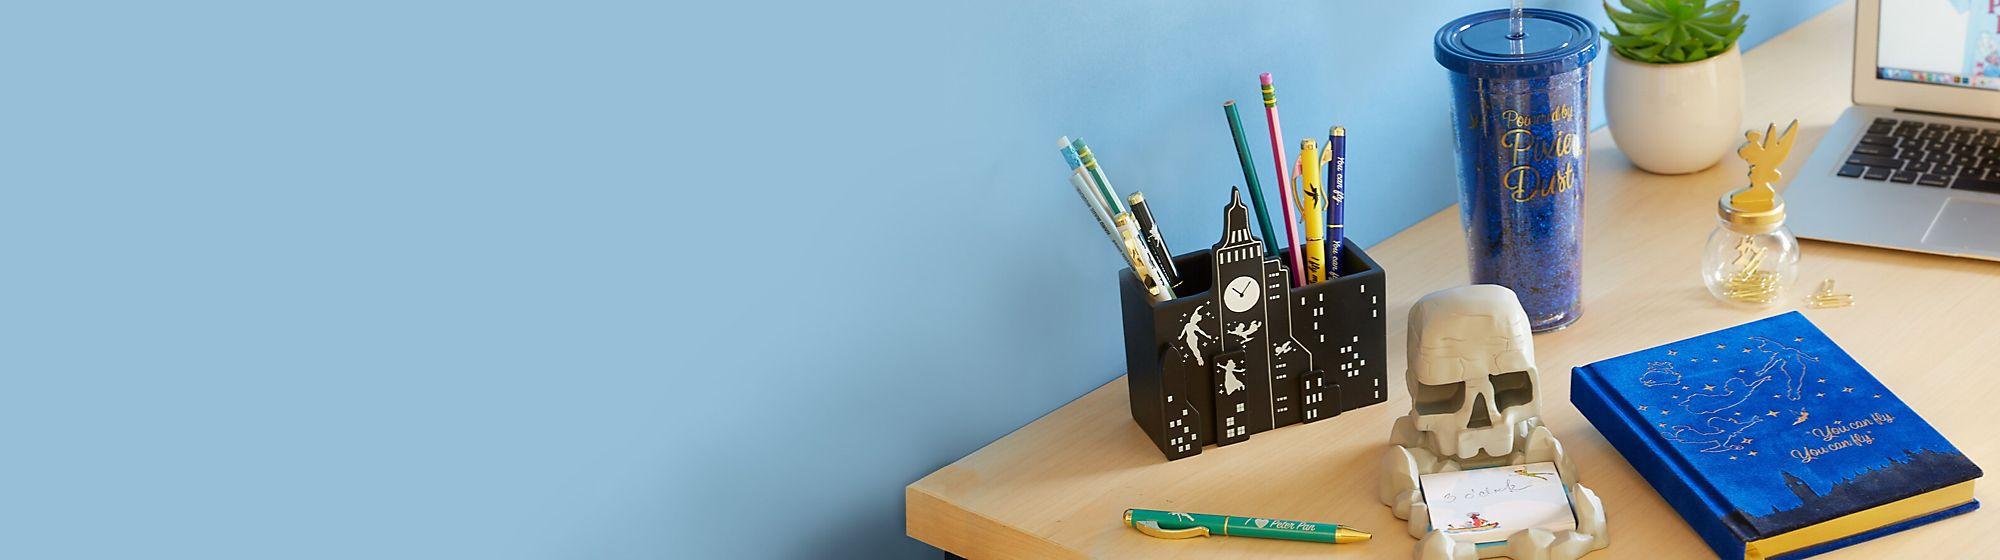 Esenciales para la universidad Decora tu espacio personal con accesorios de personajes divertidos.